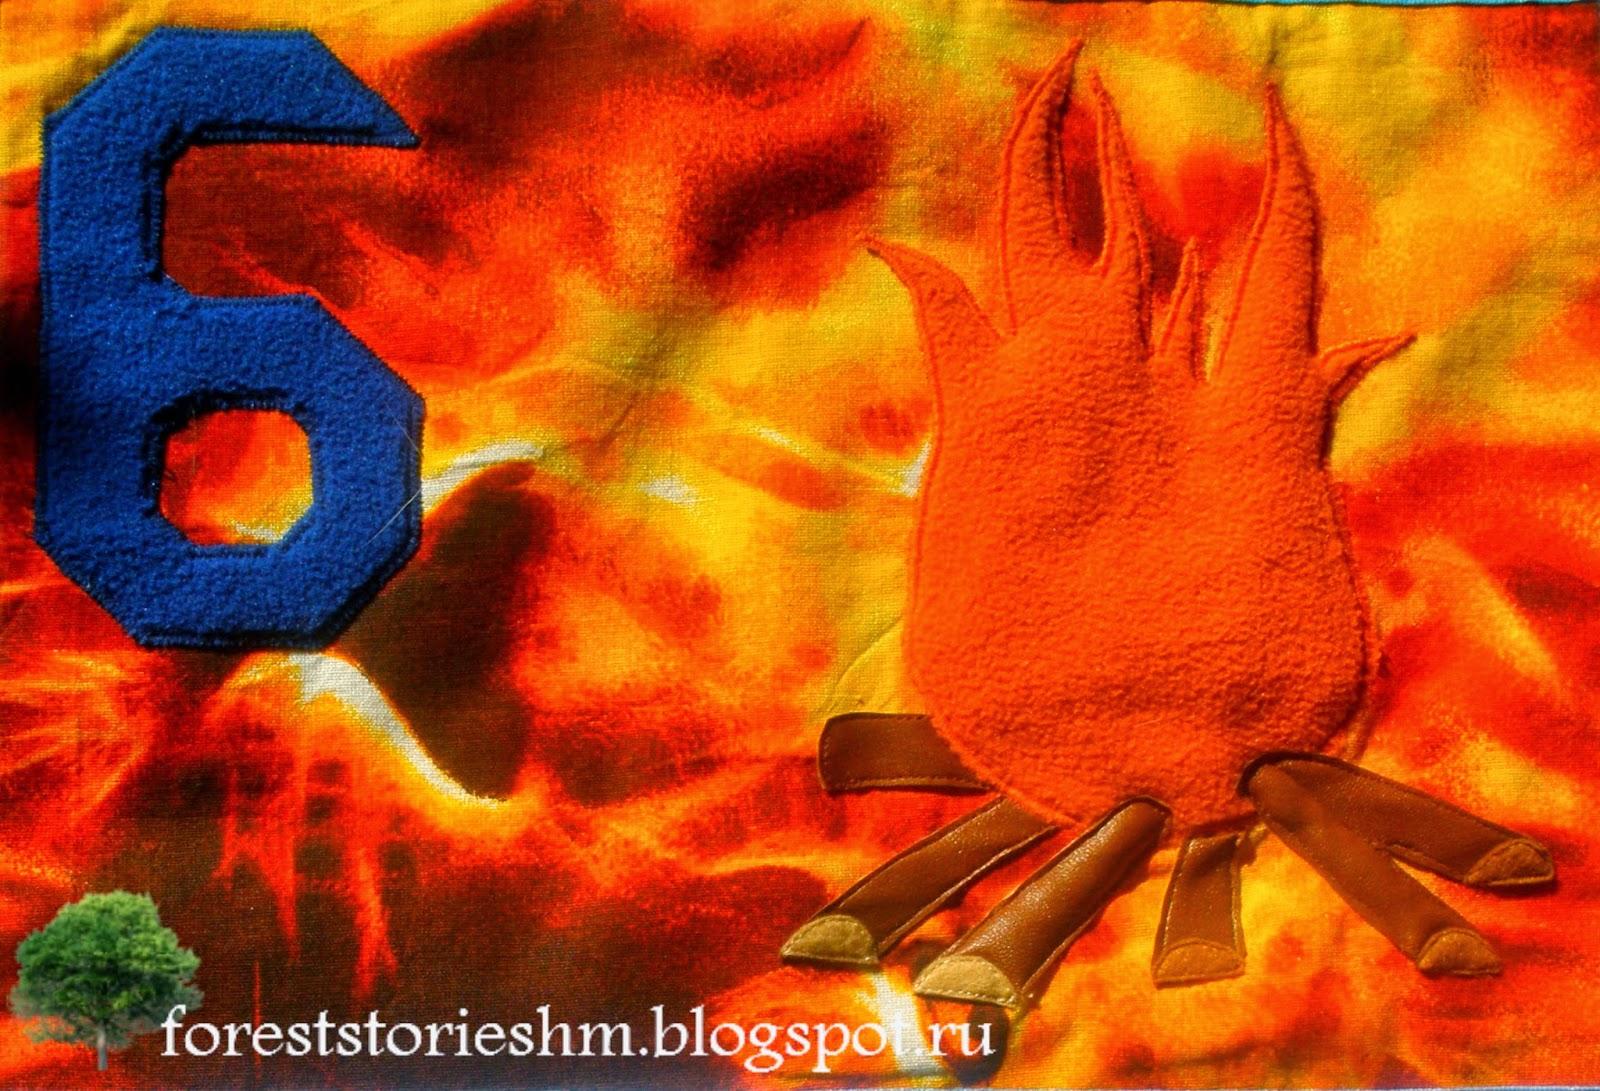 Огненная стихия - цифра 6